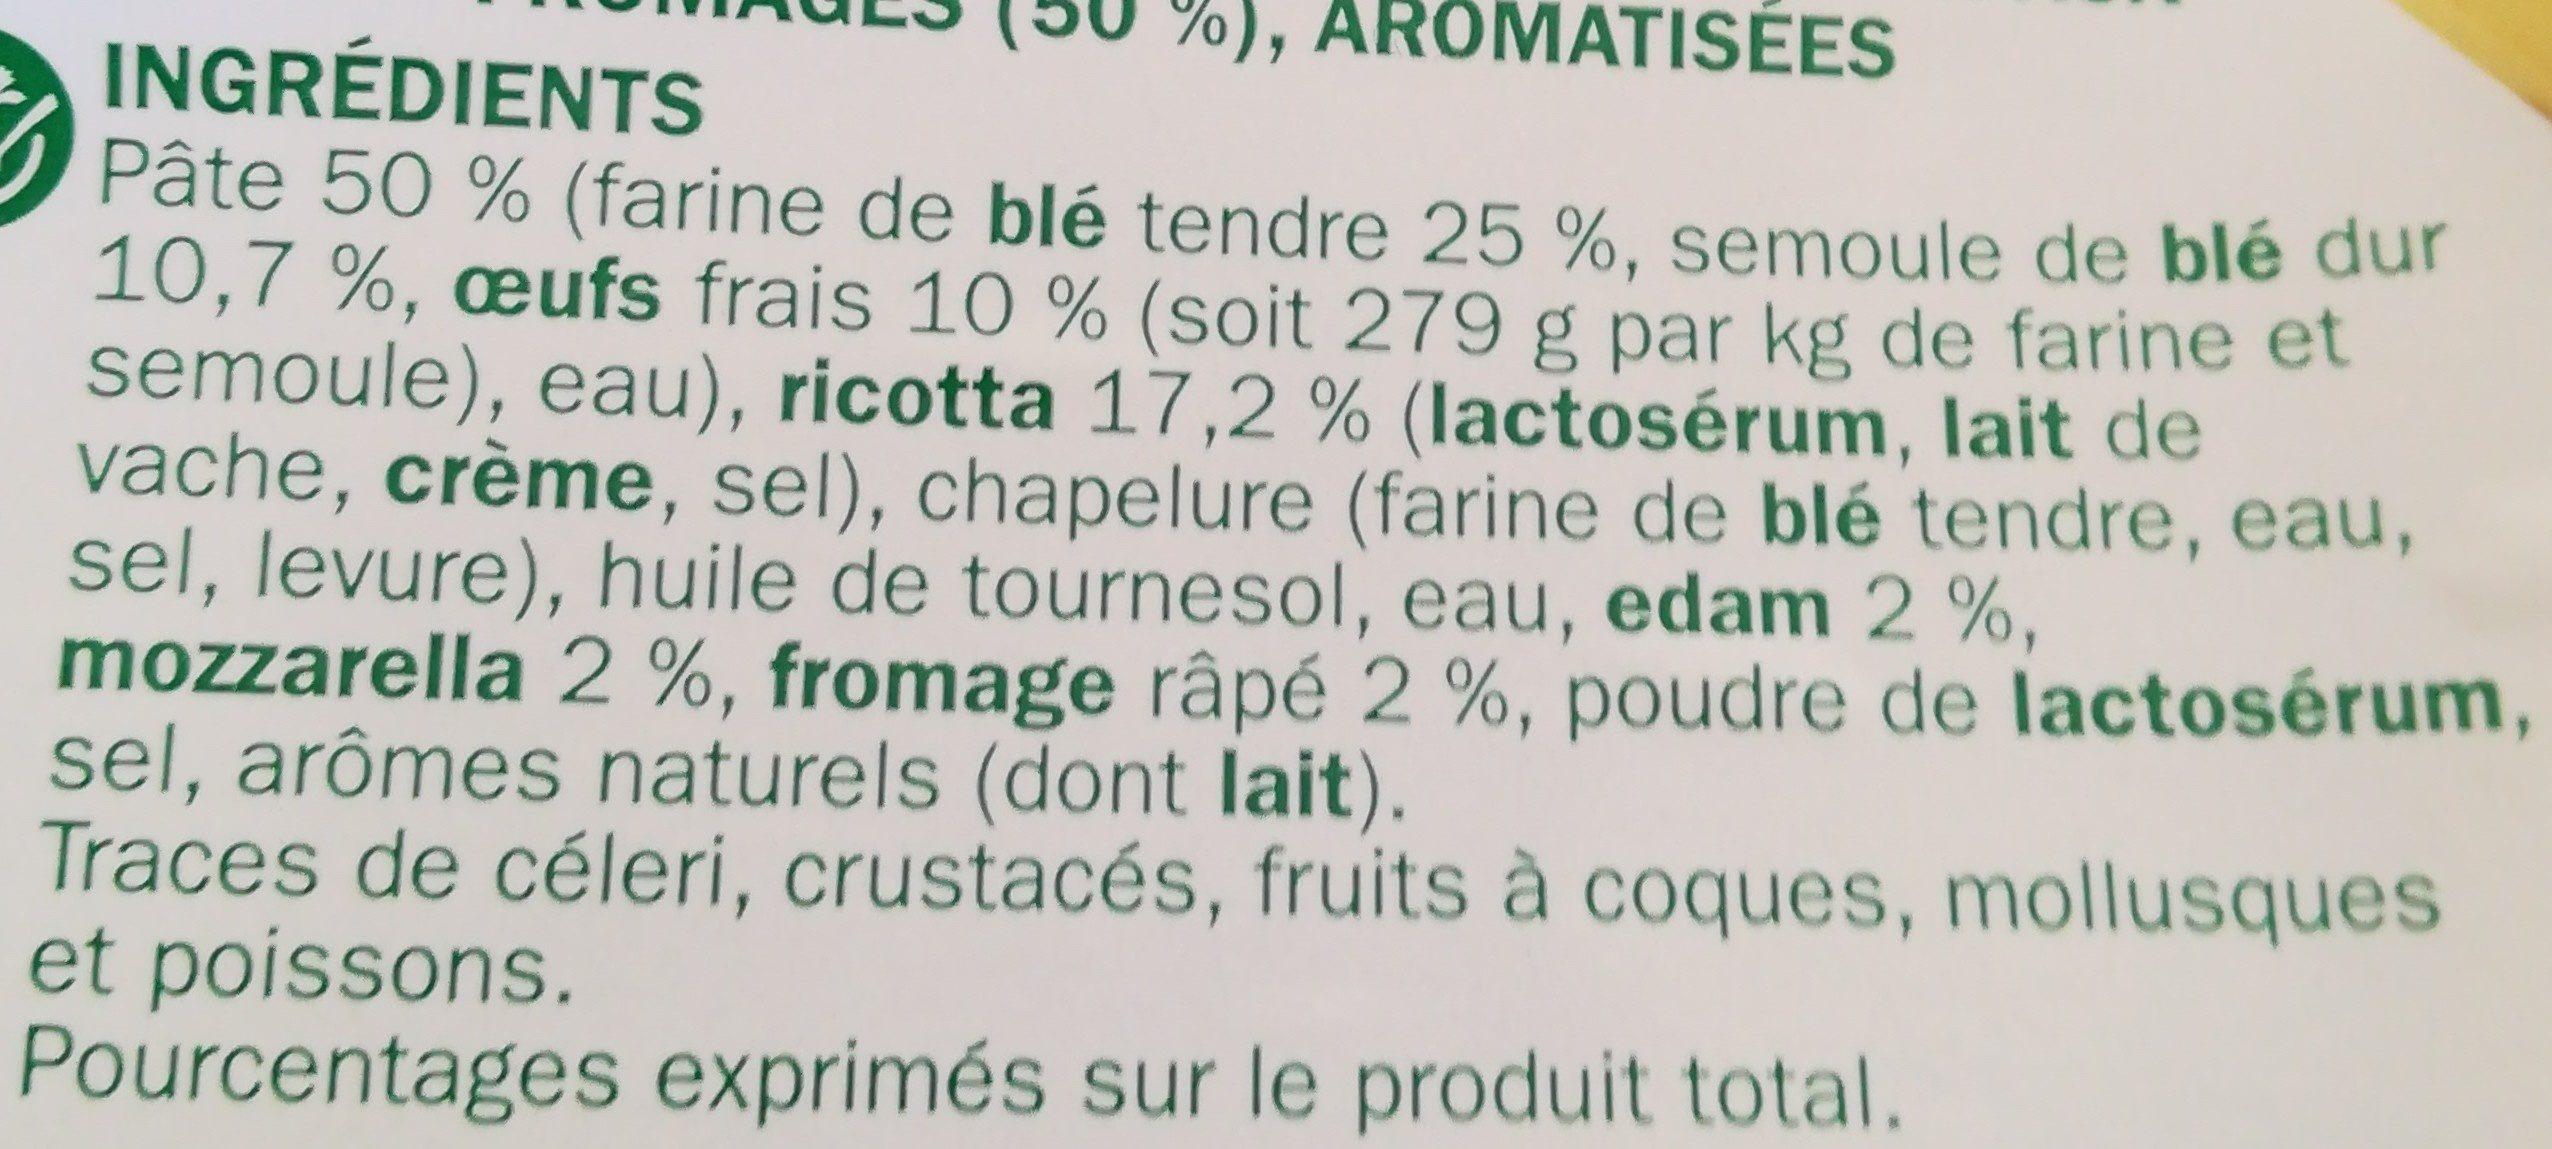 Raviolis 4 fromages - Ingrédients - fr